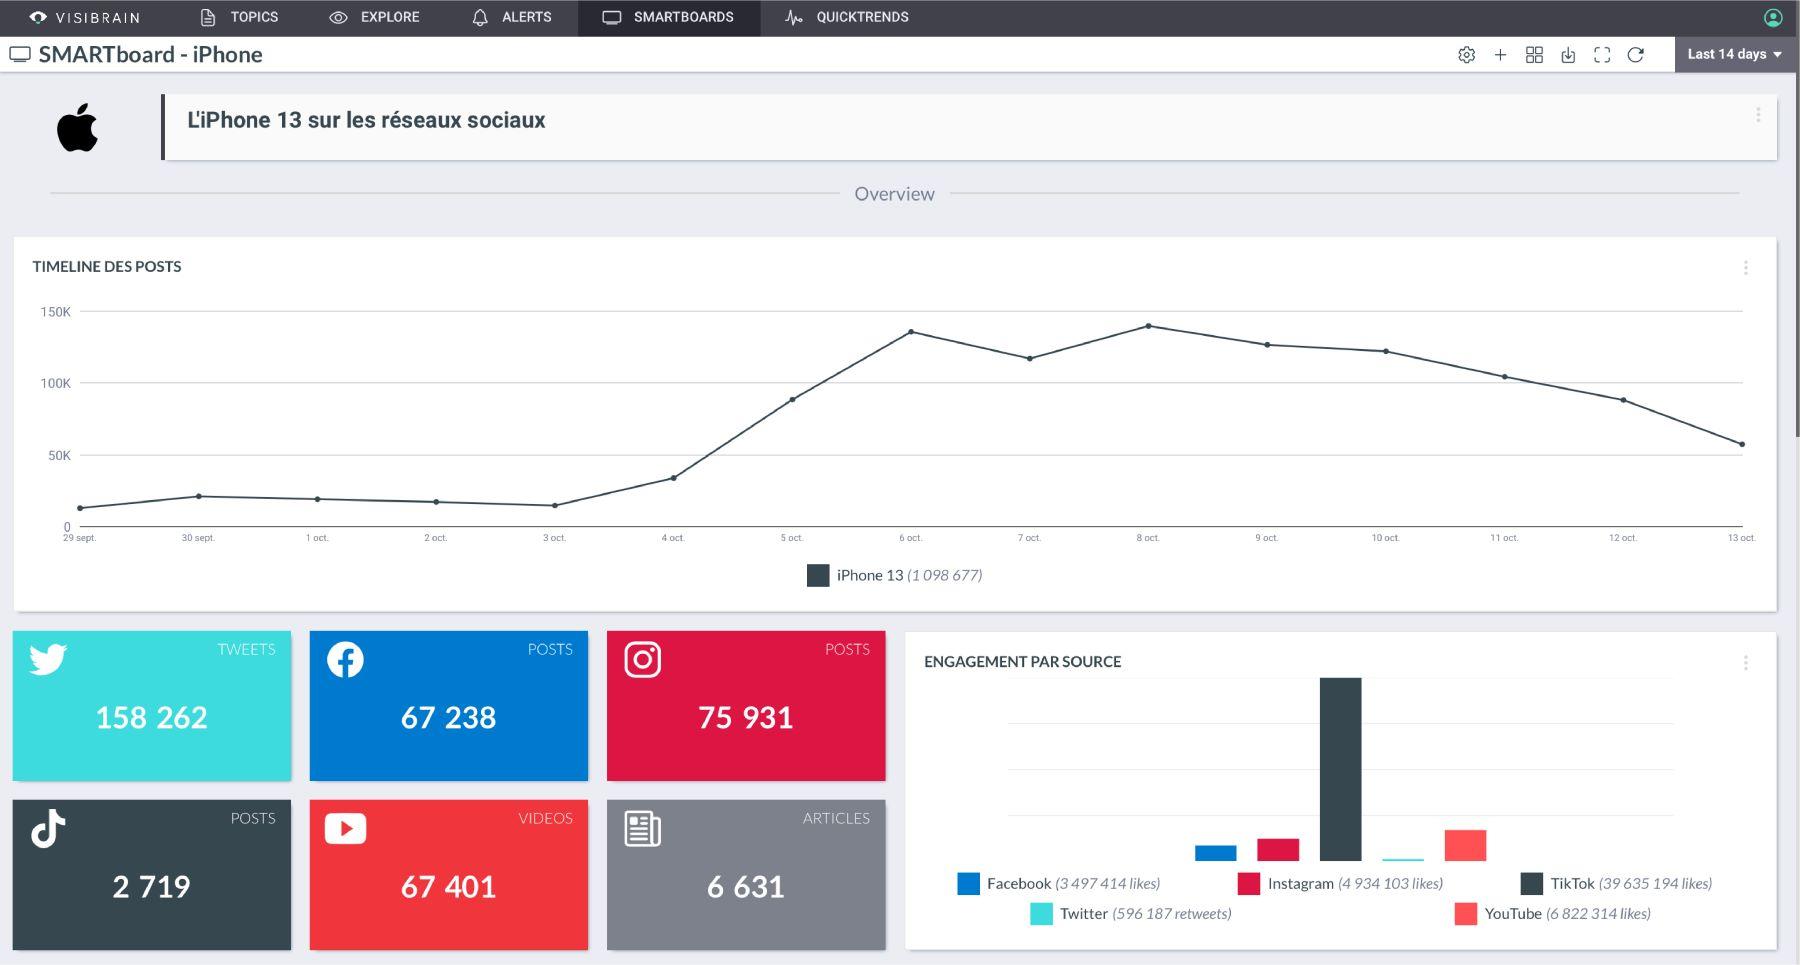 Visibrain : la plateforme de référence pour une veille social media puissante et complète